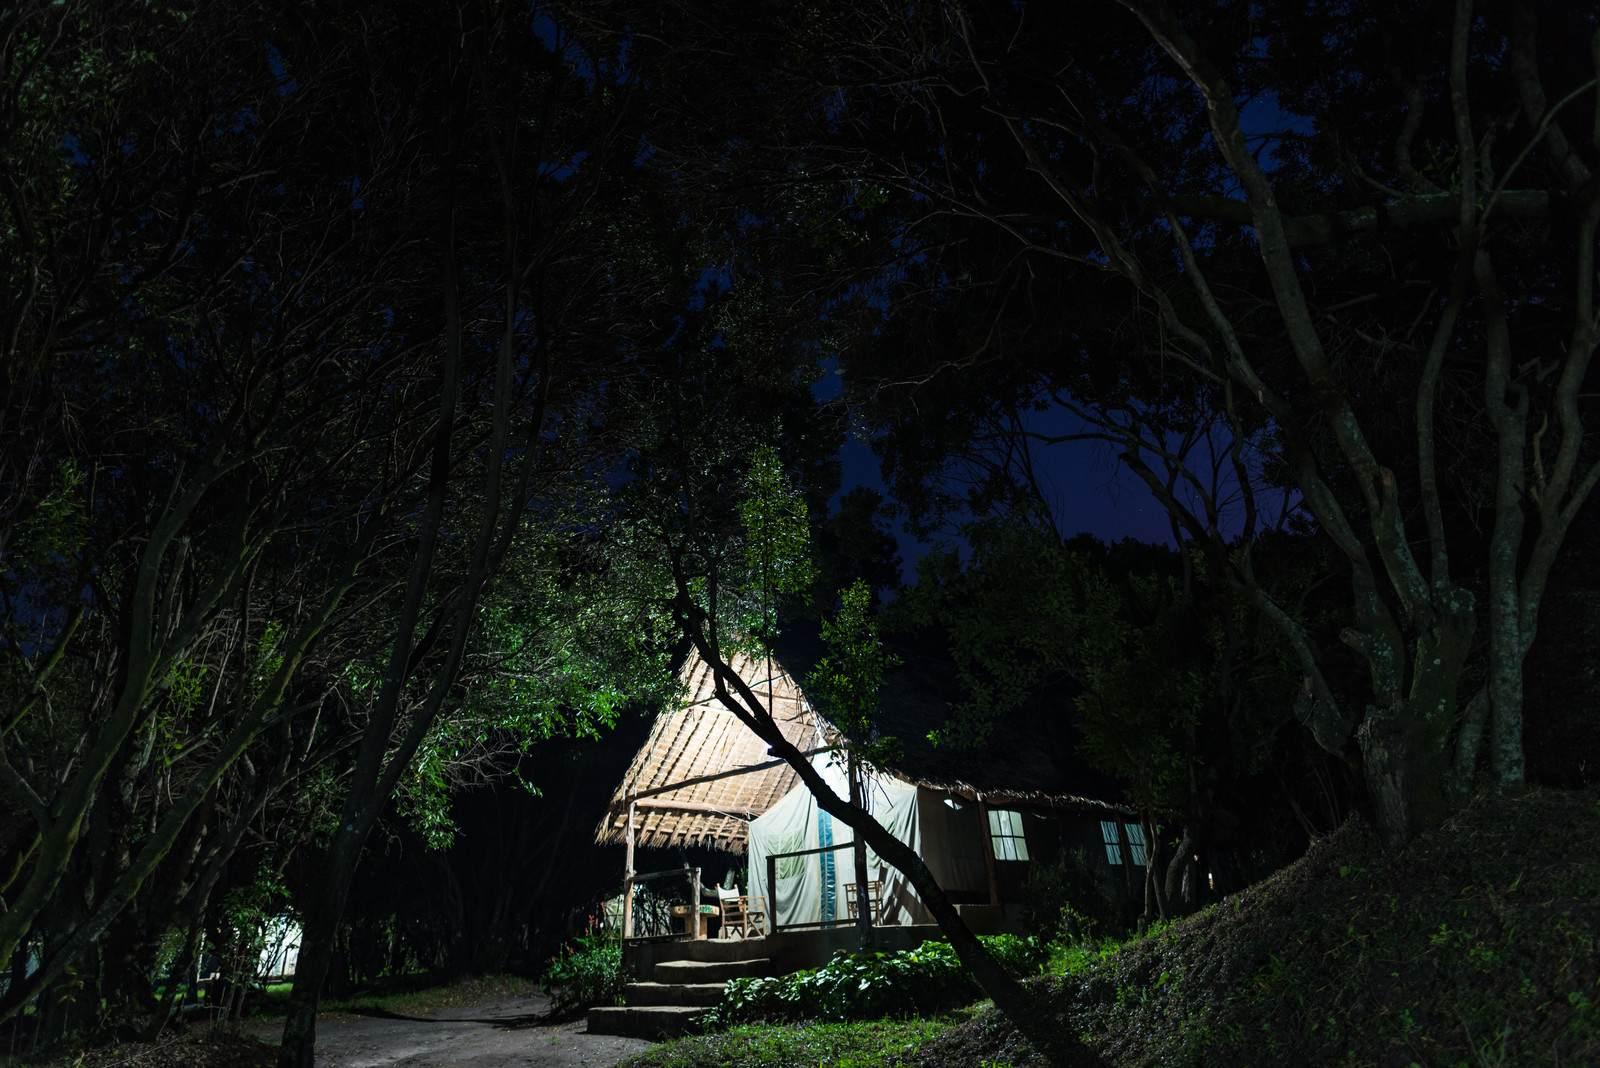 『四隅』|【名作 師匠シリーズ】洒落怖・怖い話・都市伝説